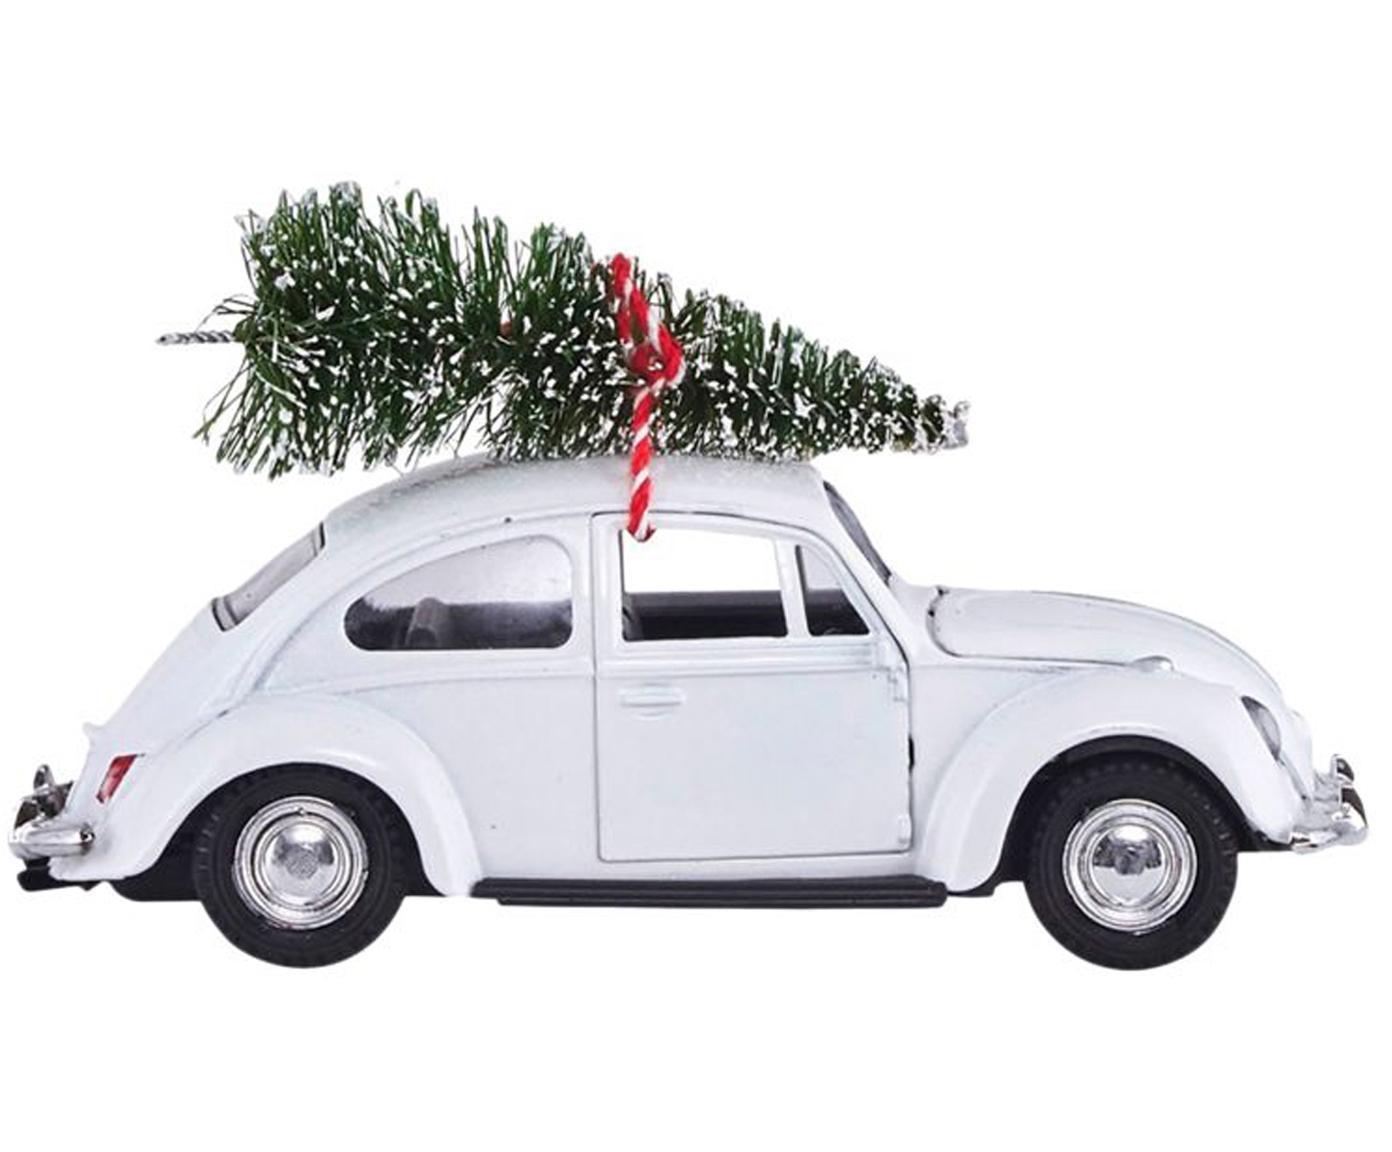 Dekoracja Tree Delivery, Cynk, tworzywo sztuczne, Biały, czerwony, zielony, S 5 x W 7 cm